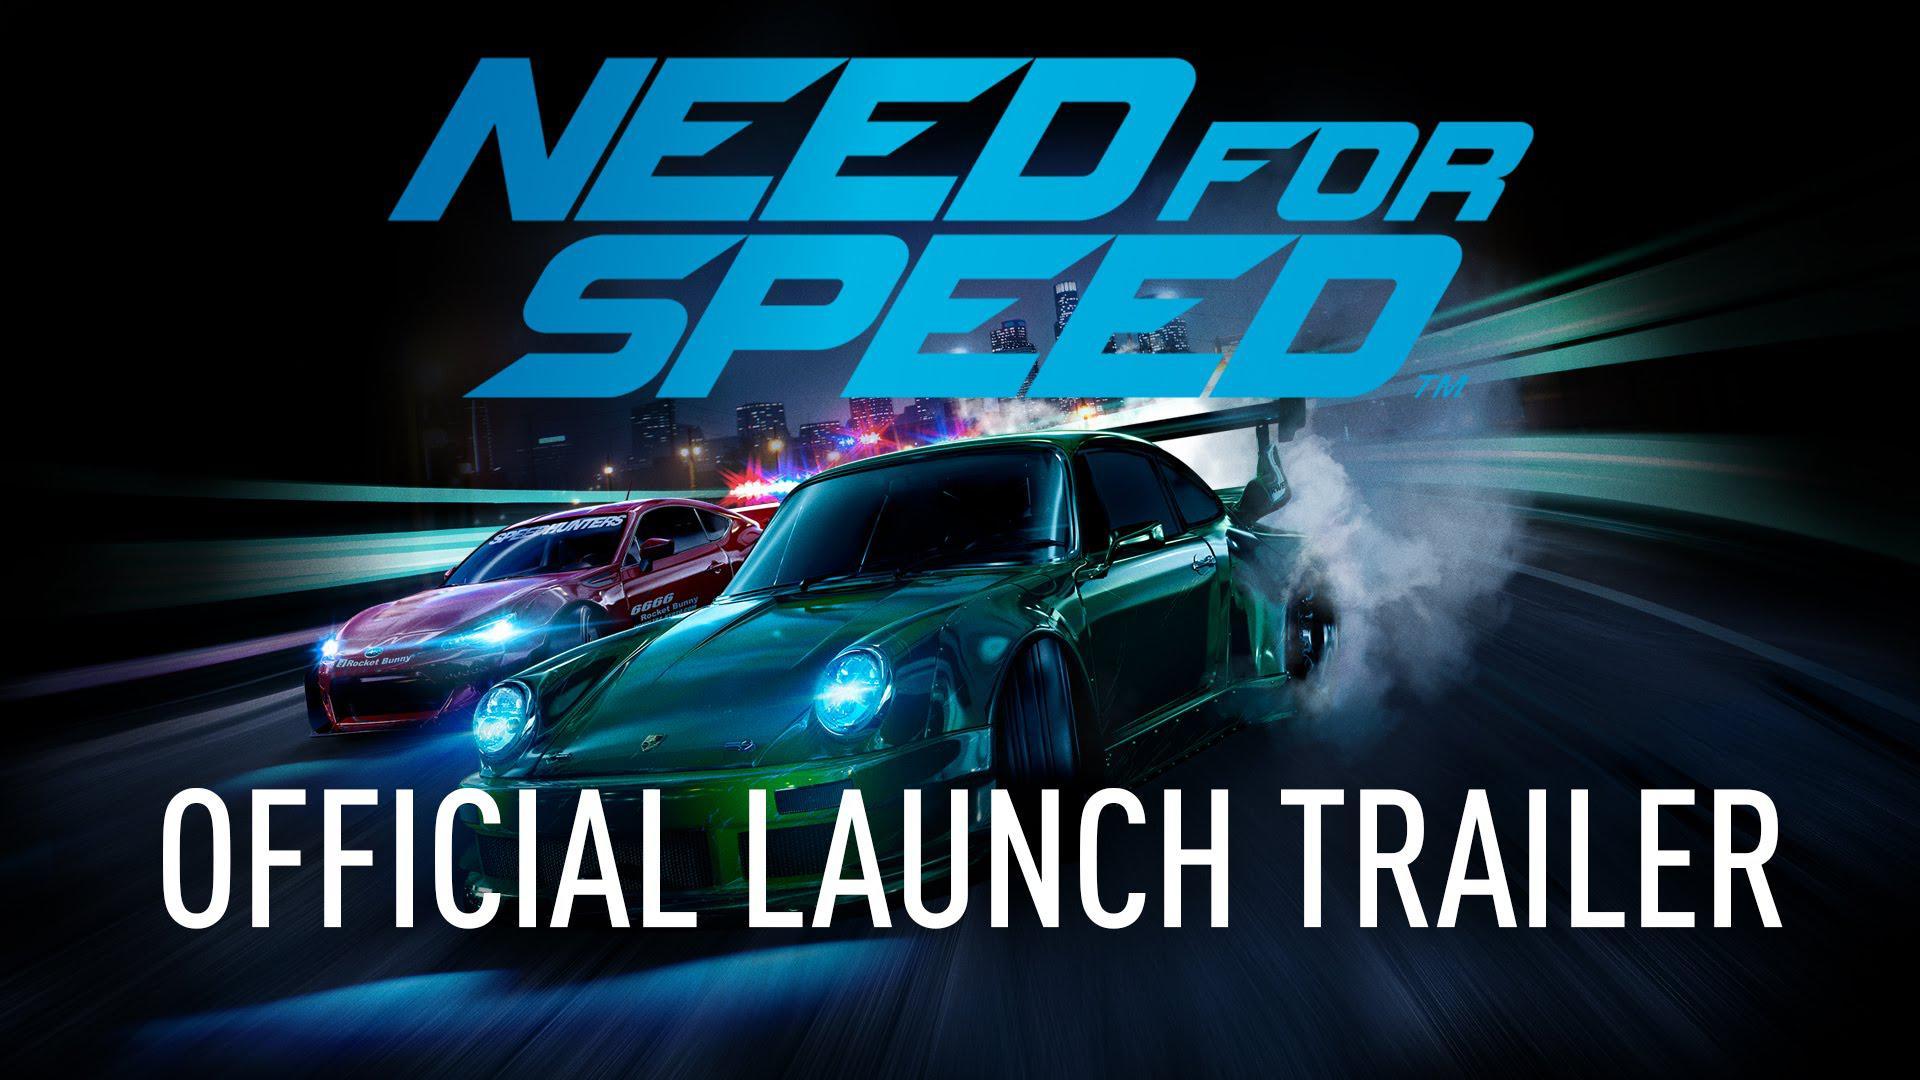 Trailerul de lansare pentru Need for Speed a fost publicat